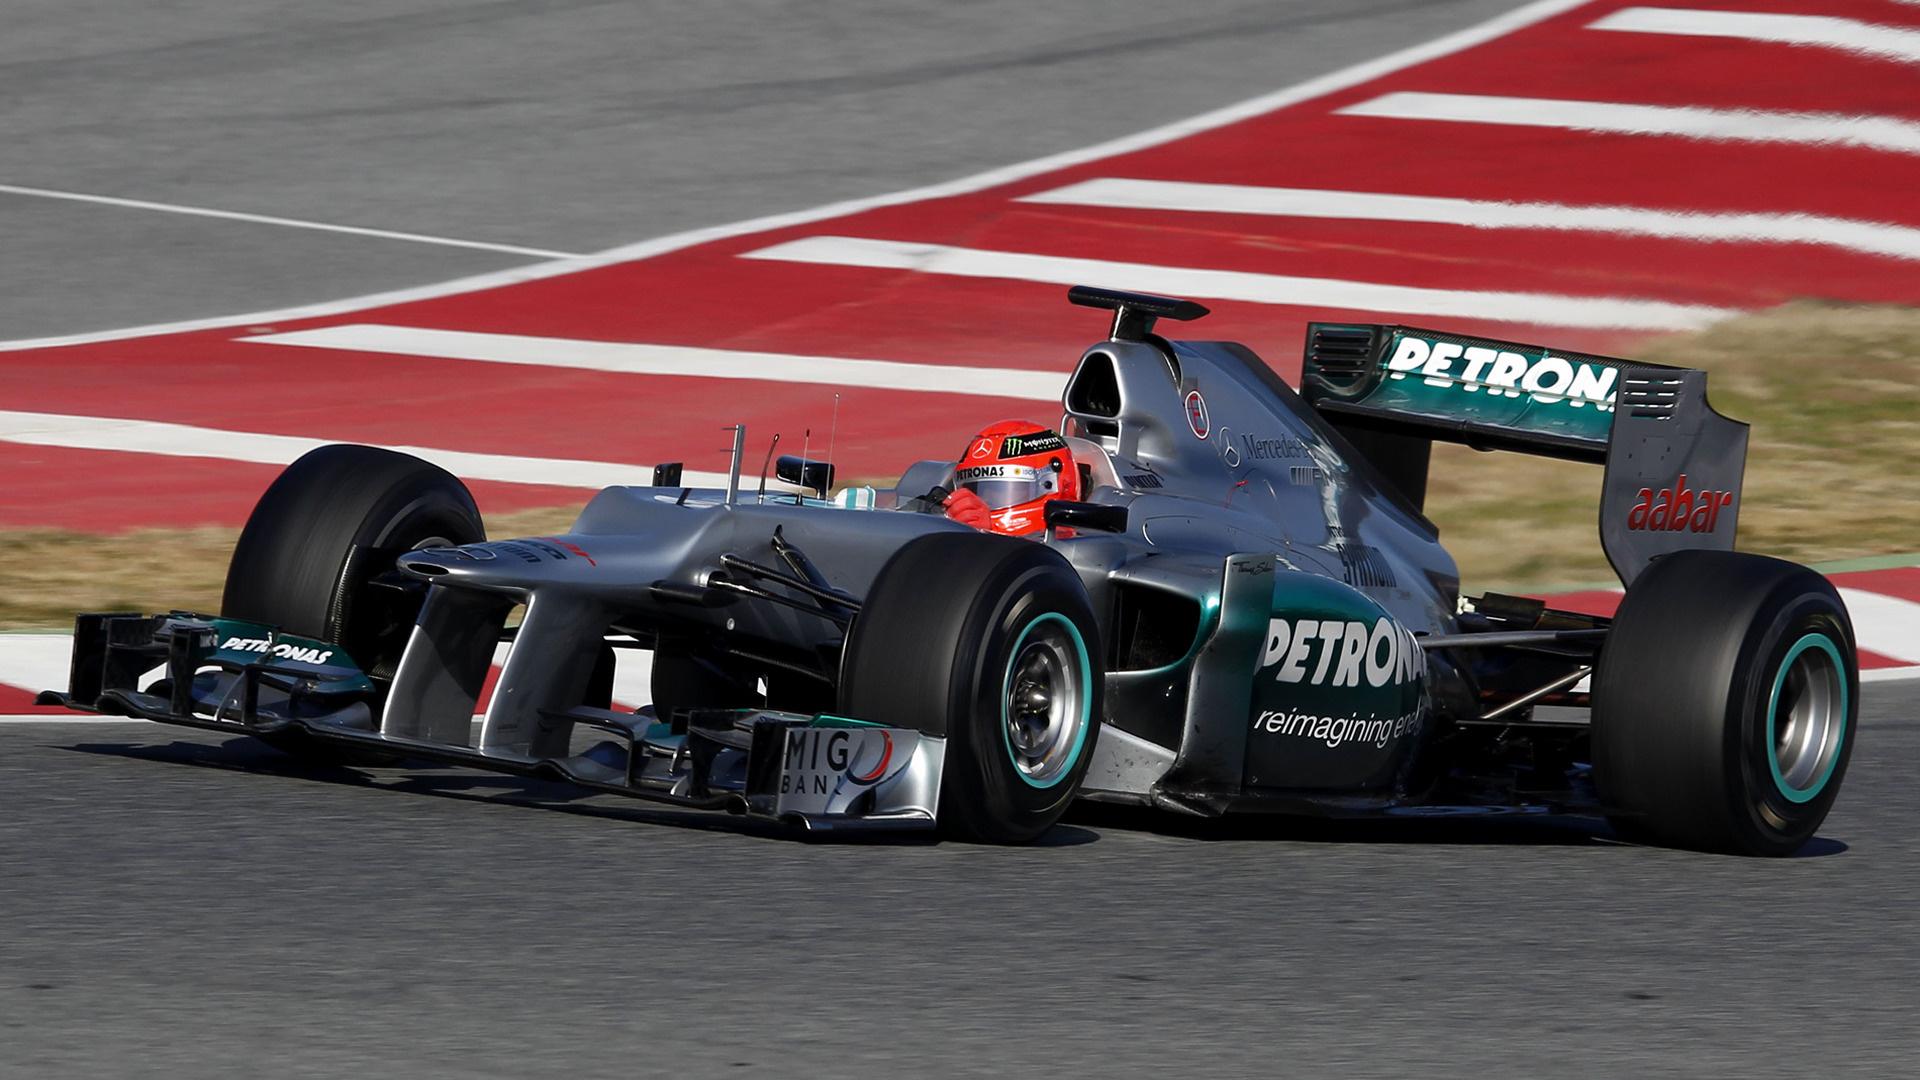 2012 Mercedes Amg F1 W03 Fondo De Pantalla Hd Fondo De